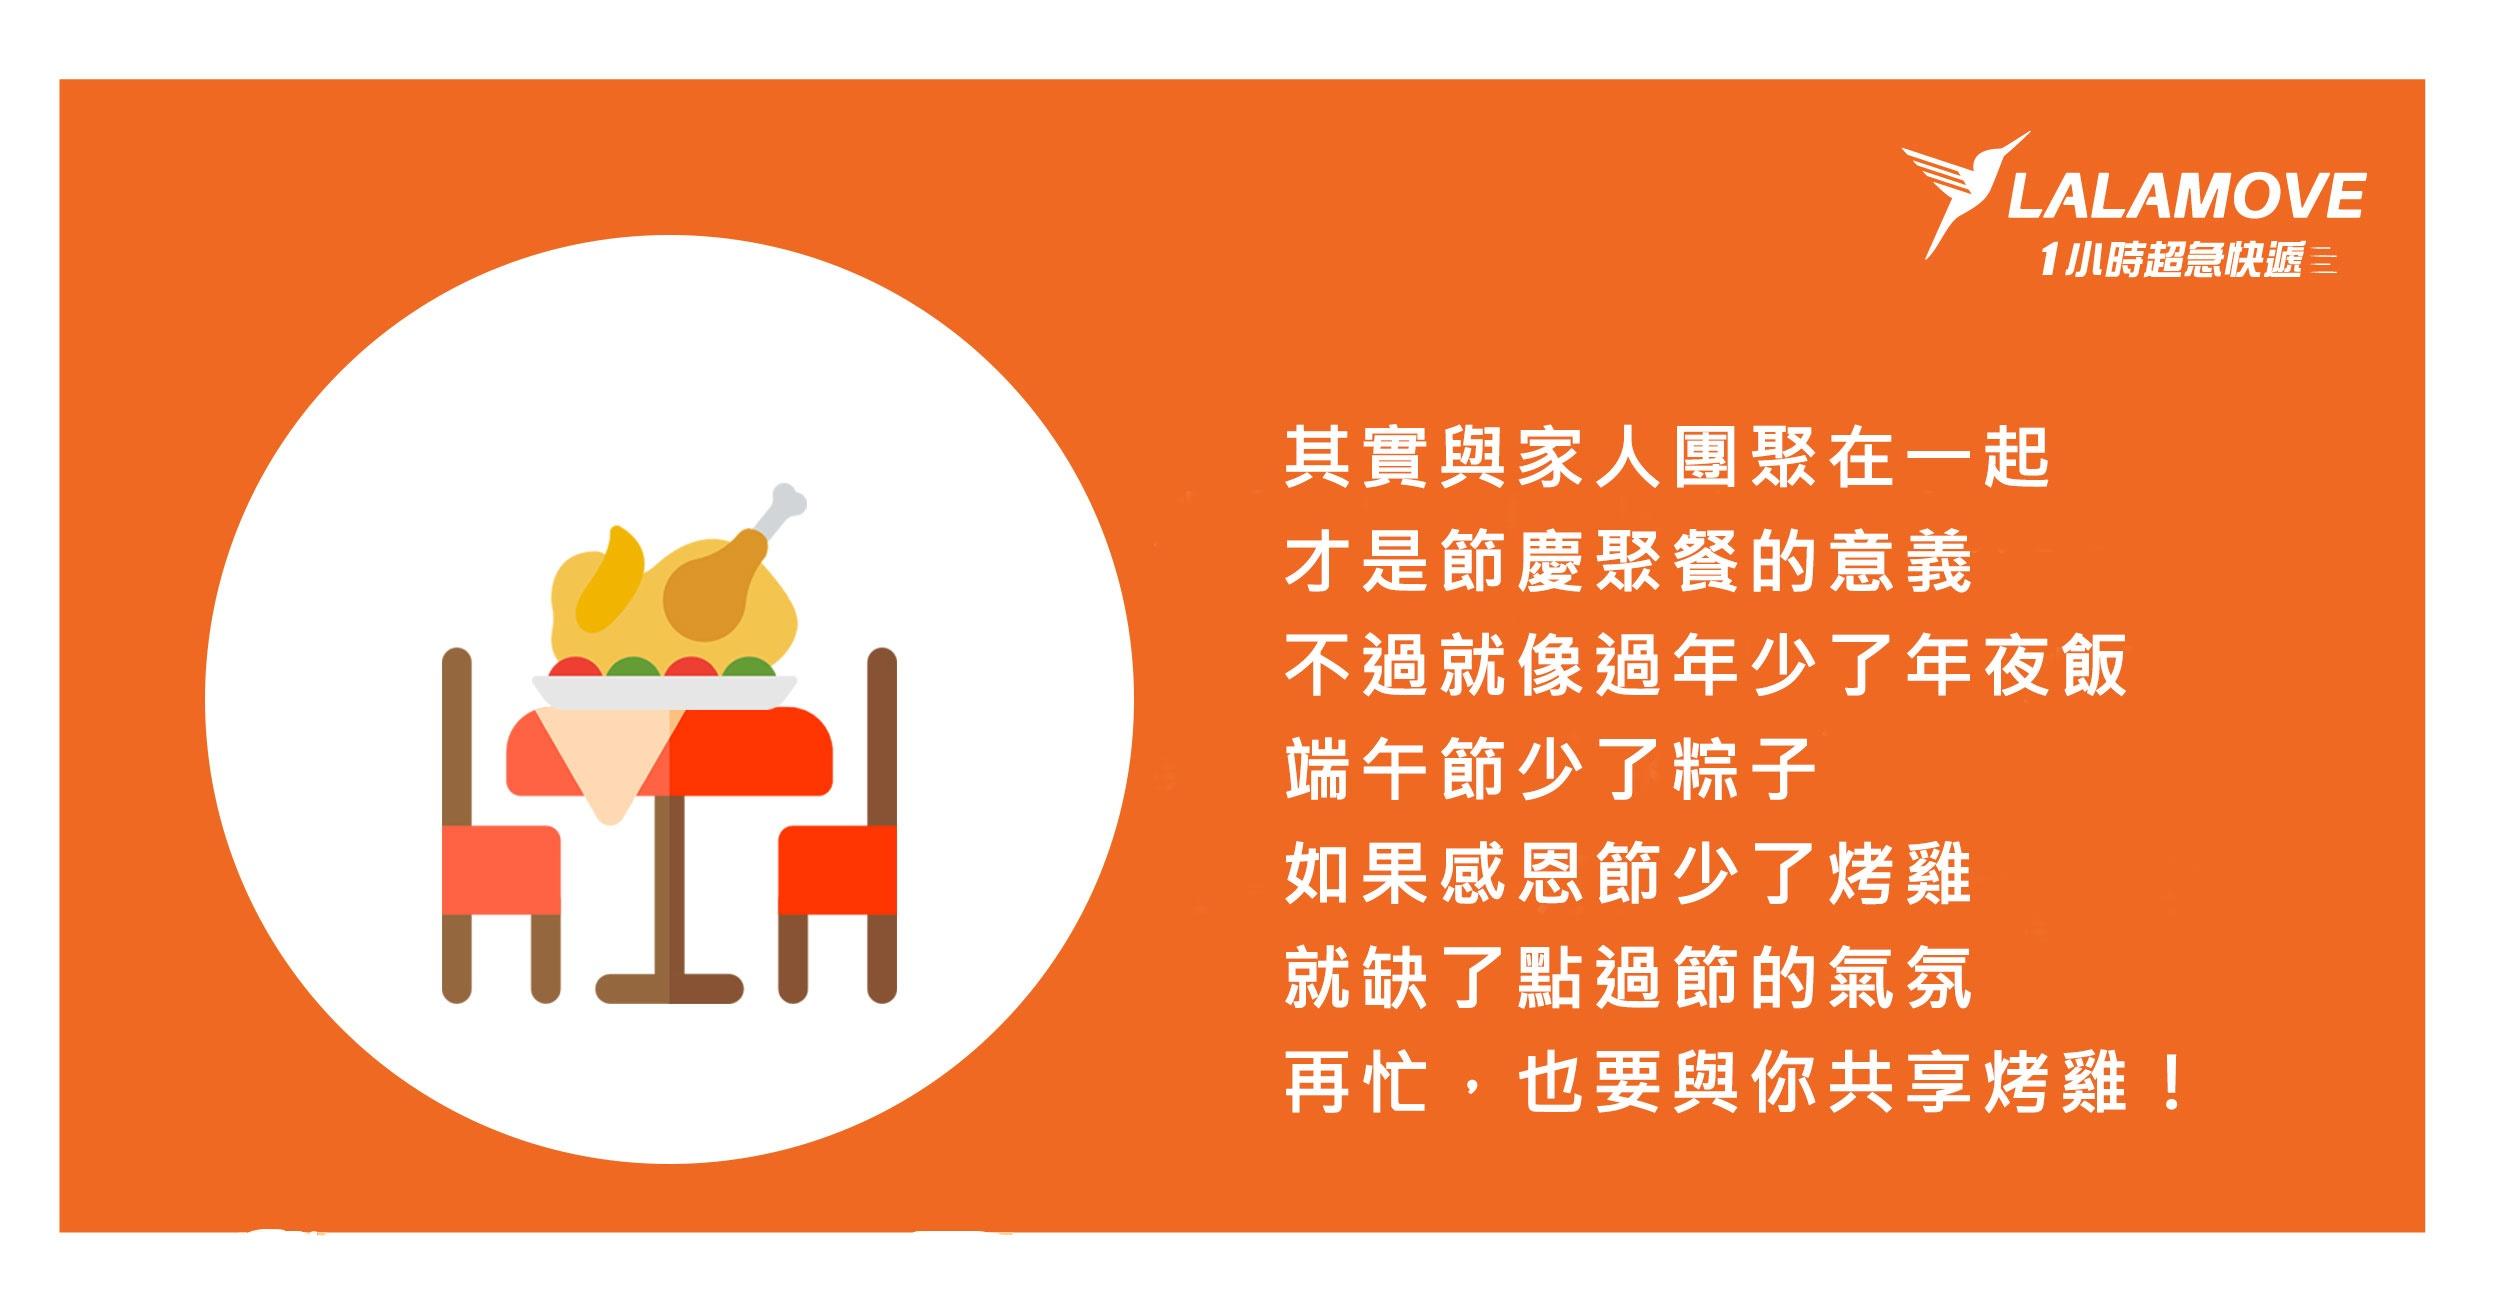 tw_20171114_感恩節6.jpg